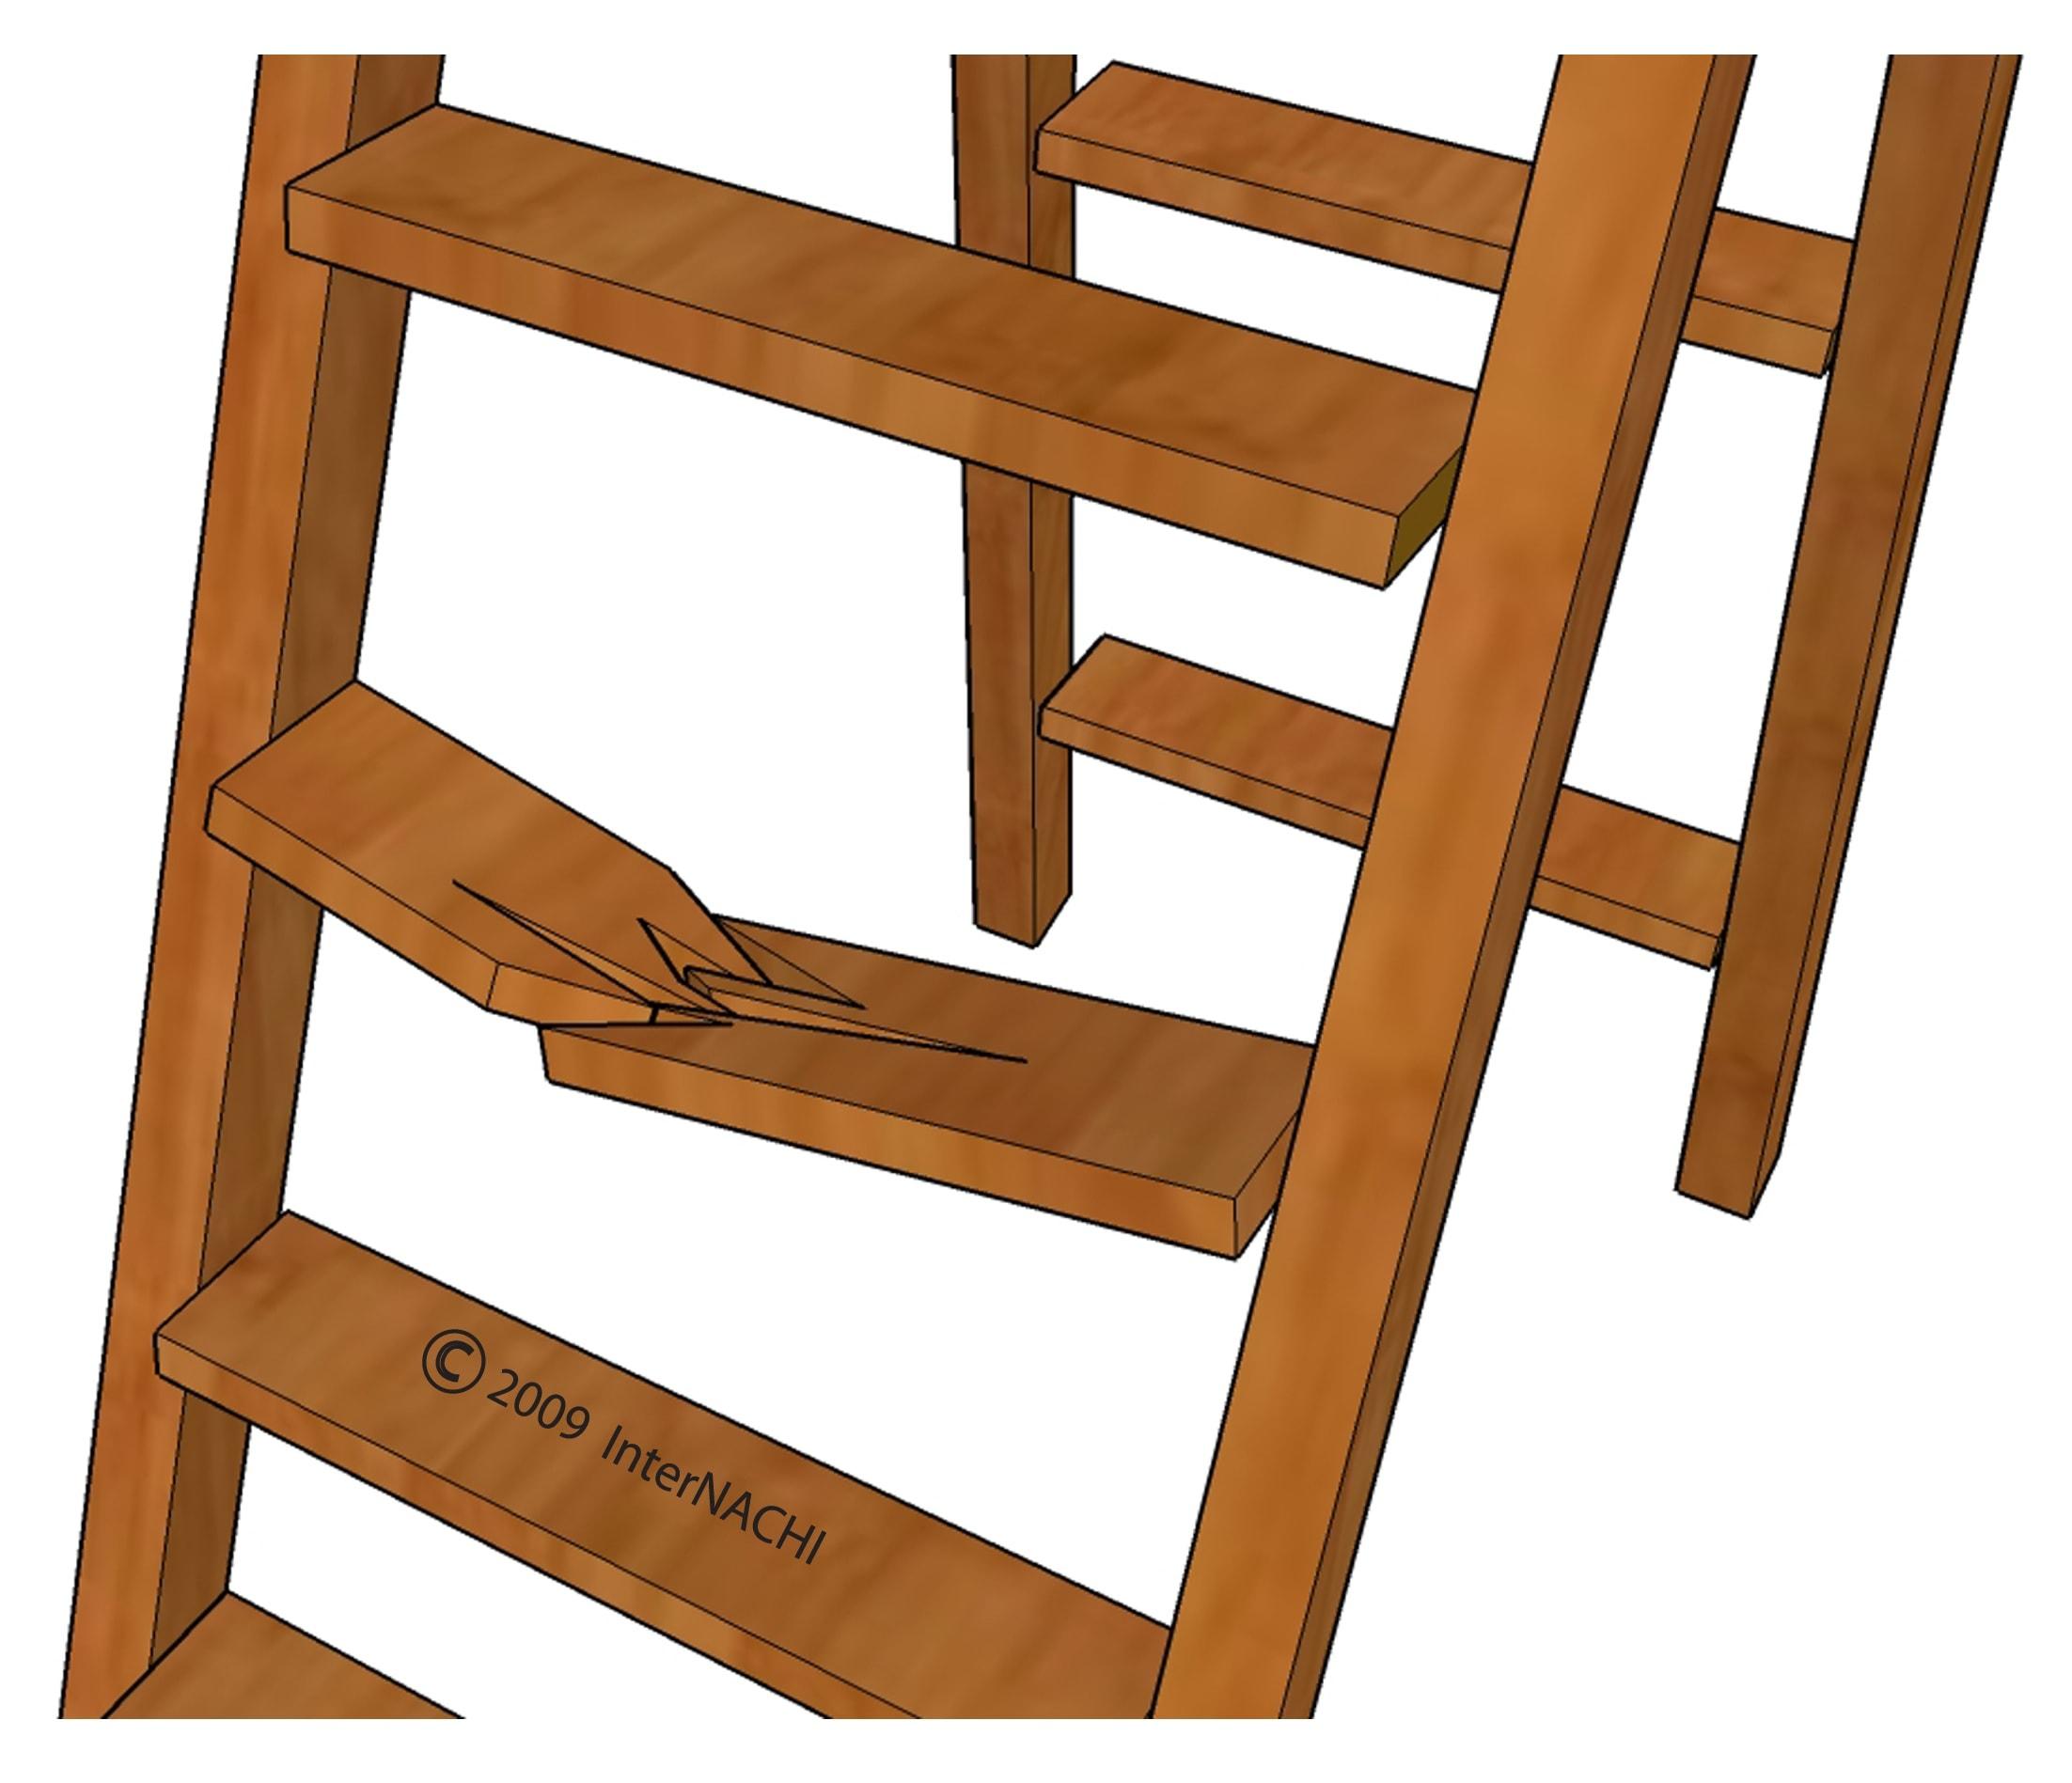 Broken ladder rung.